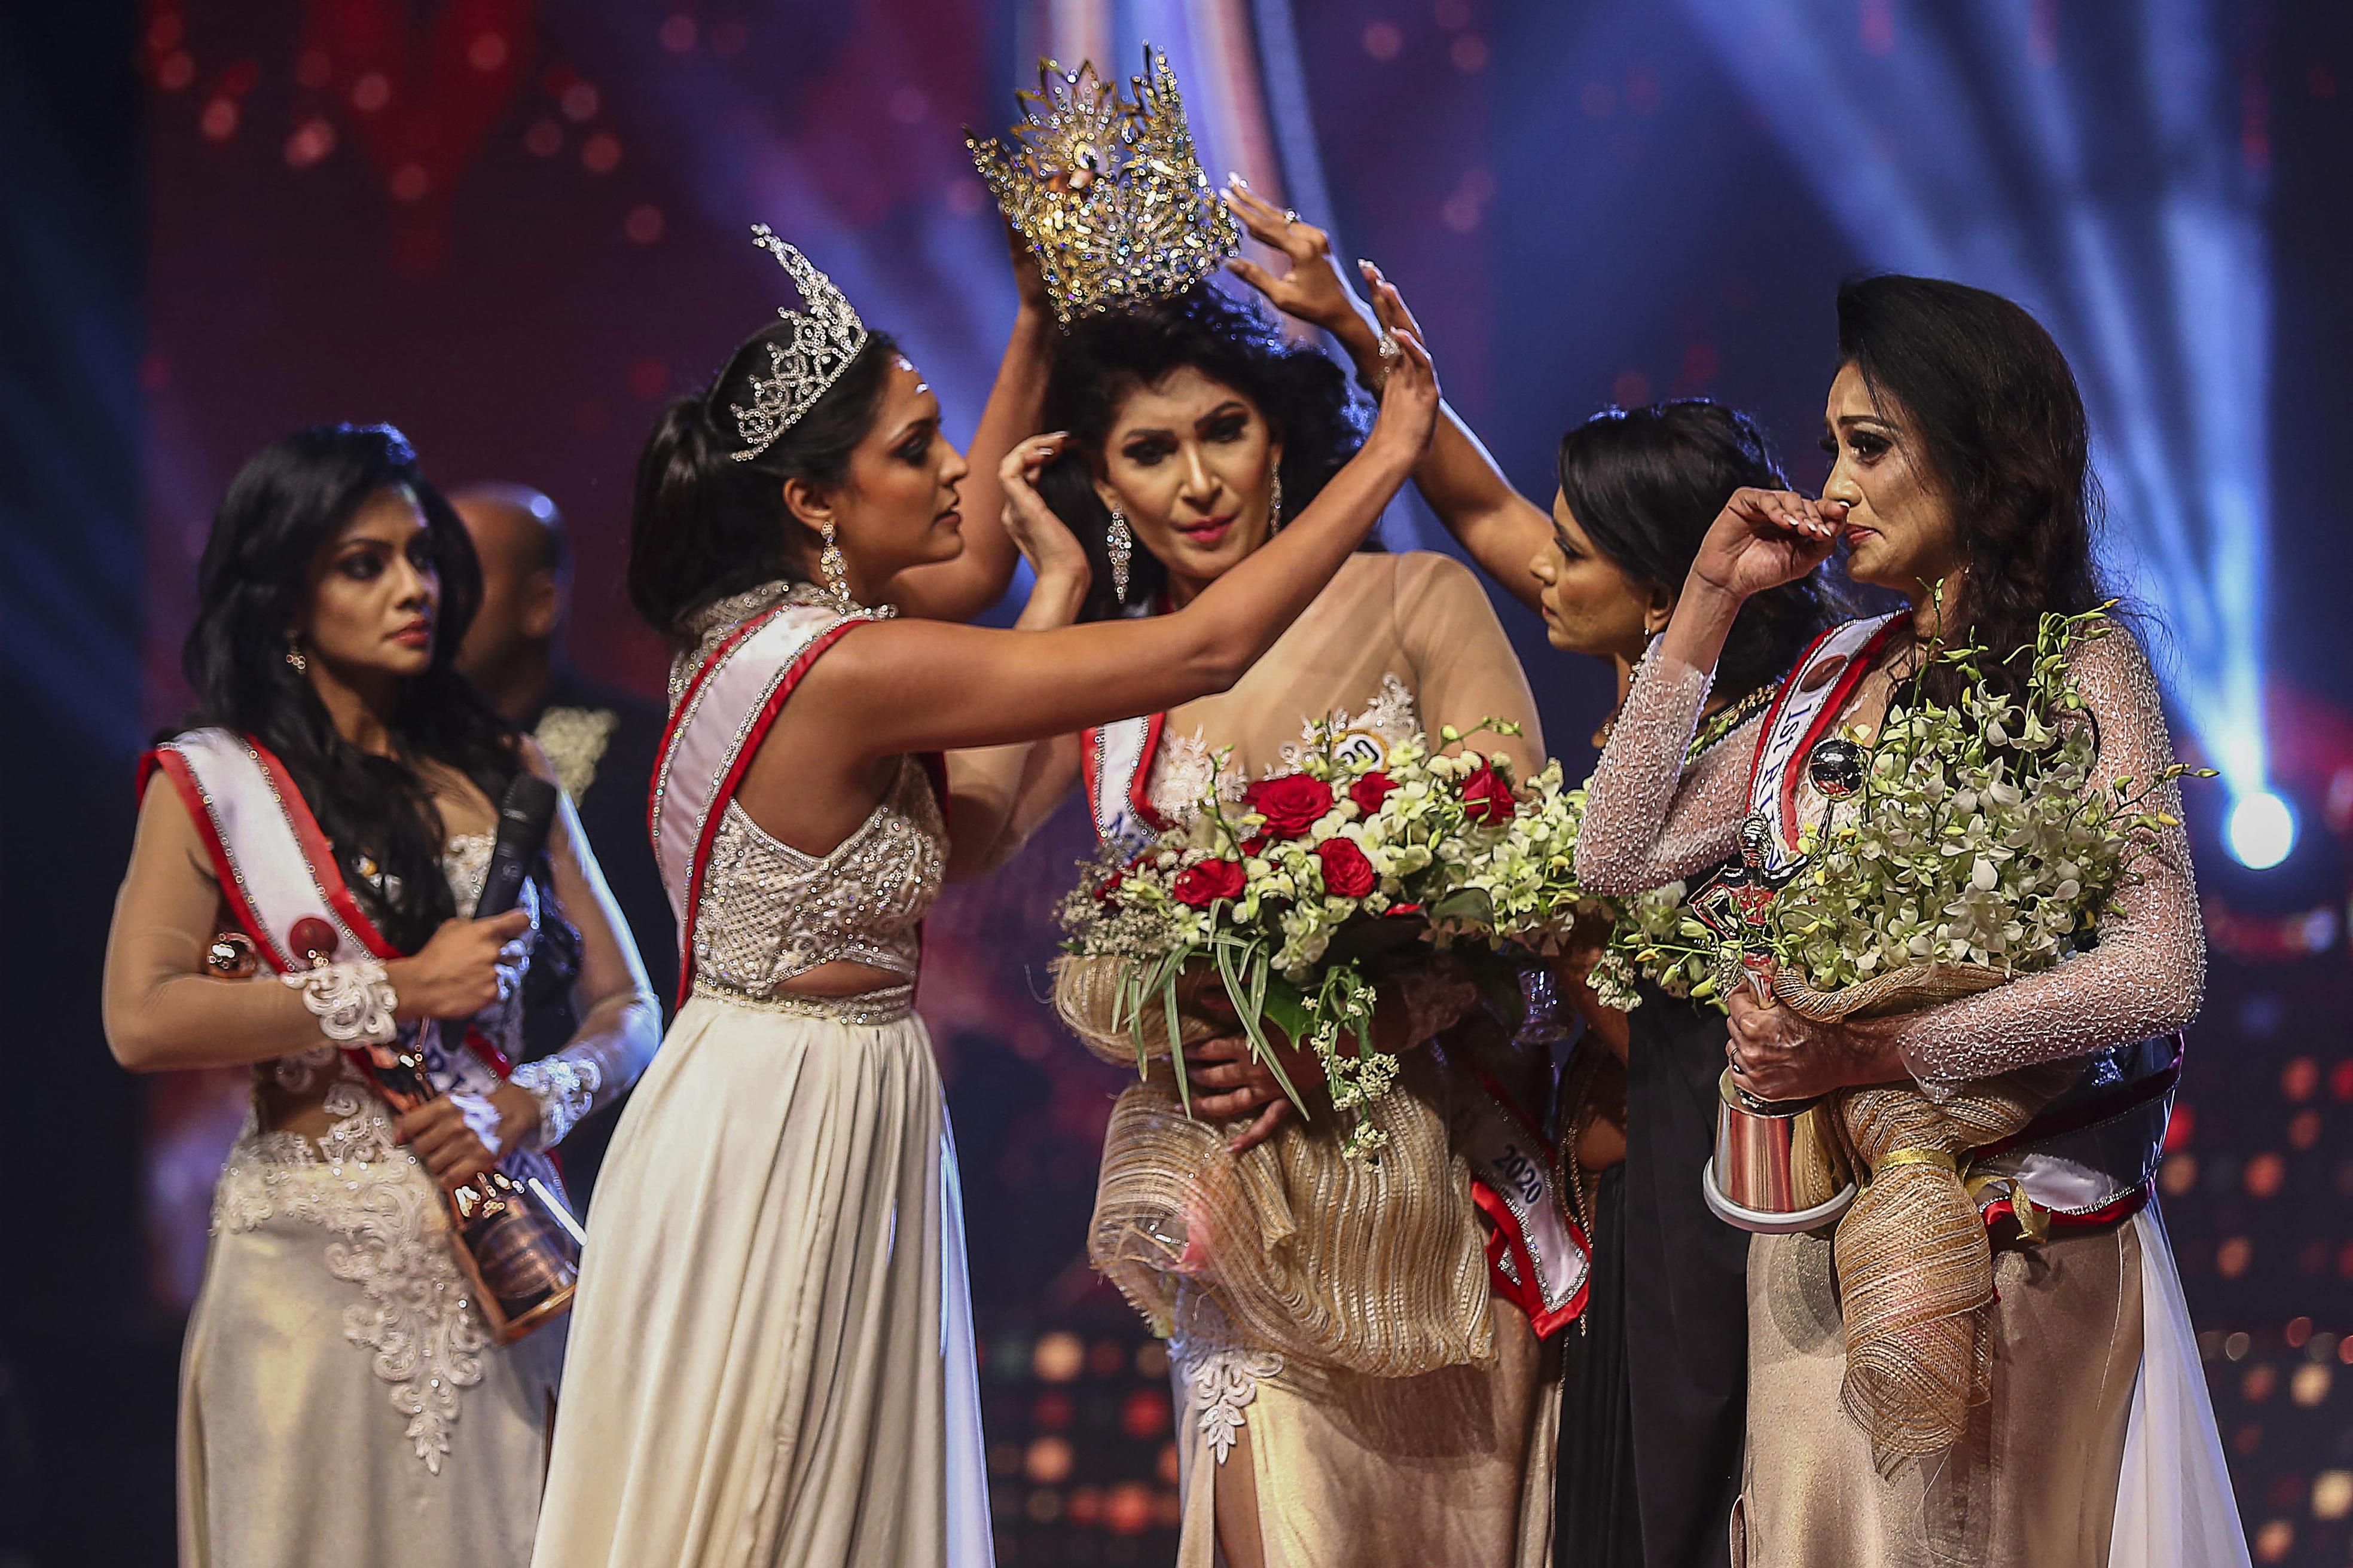 Letartóztatták a szépségkirálynőt, aki egy Srí Lanka-i szépségversenyen letépte a koronát a nyertes fejéről